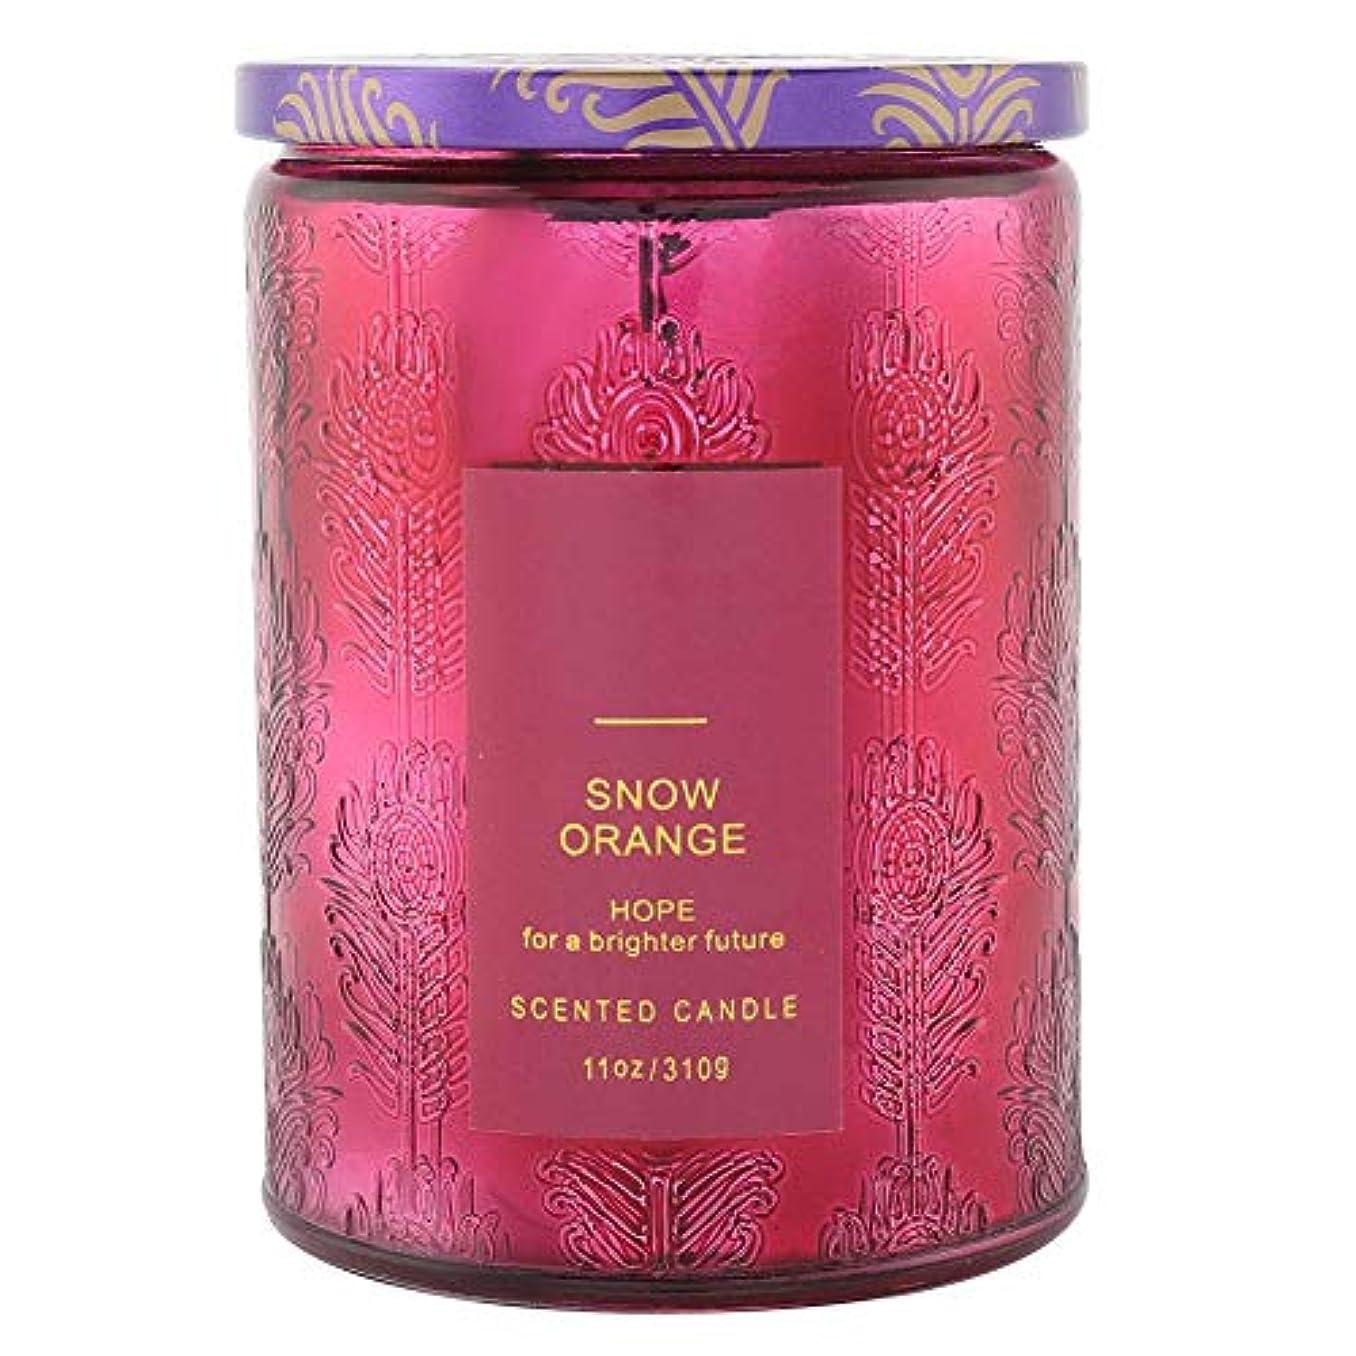 説教麻酔薬逸脱オレンジ香料入りキャンドル、繊細な香料入りキャンドルフルーツフレグランスワックスエッセンシャルオイルディフューザーキャンドル